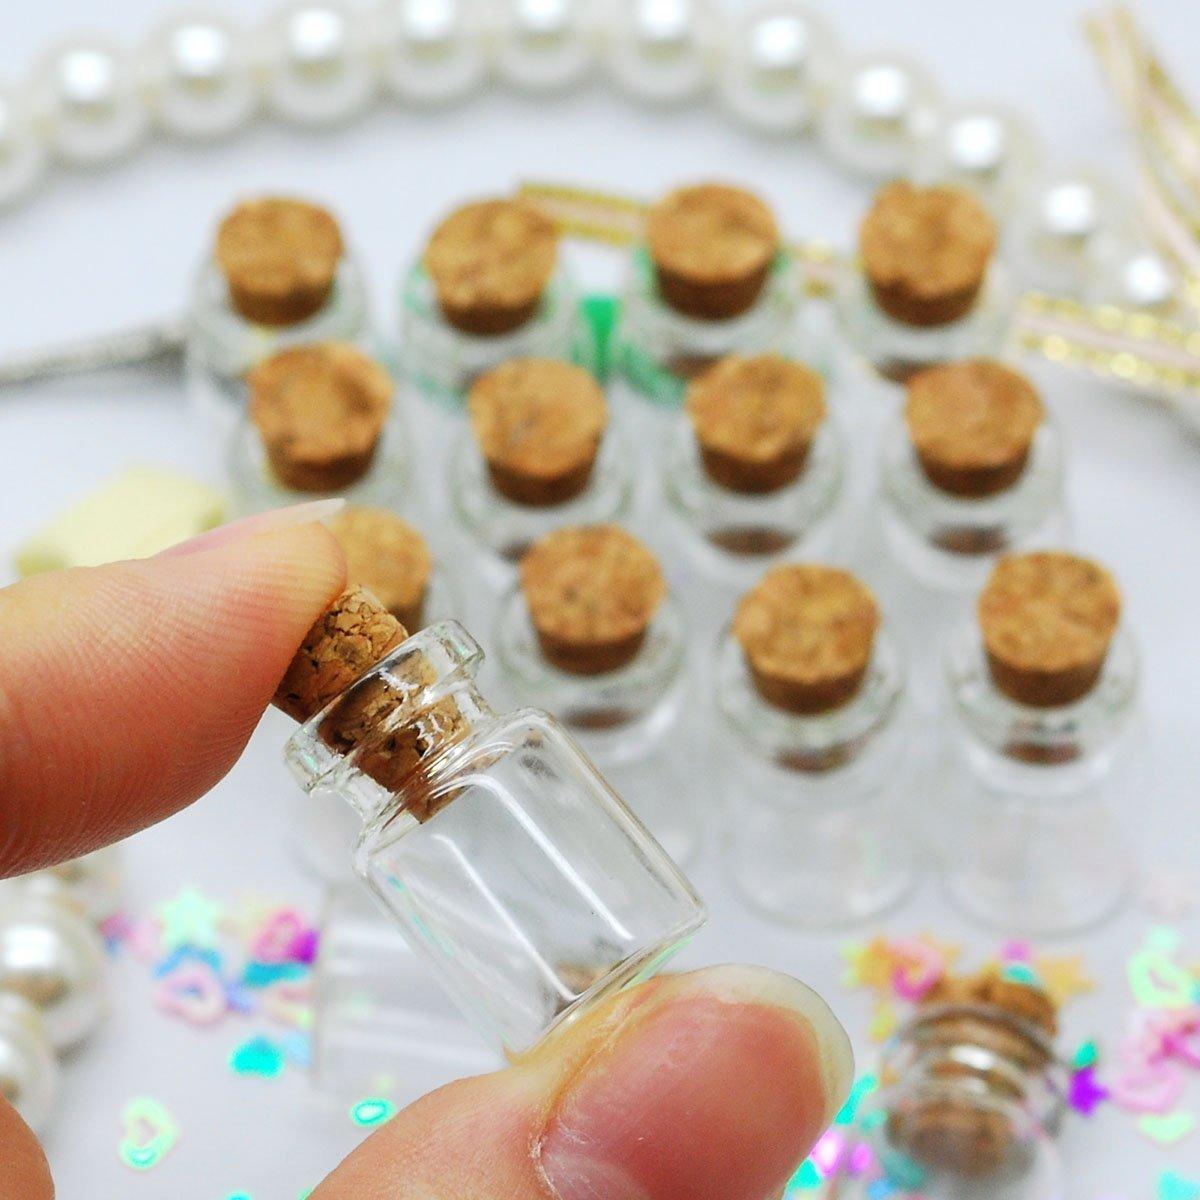 Nicebuty 50PCS 0.5/ml Dimensioni 11/x 18/x 6/mm Small mini bottigliette in vetro con tappo in sughero//Message Weddings wish Jewelry party Favors/// Small mini bottigliette in vetr /size